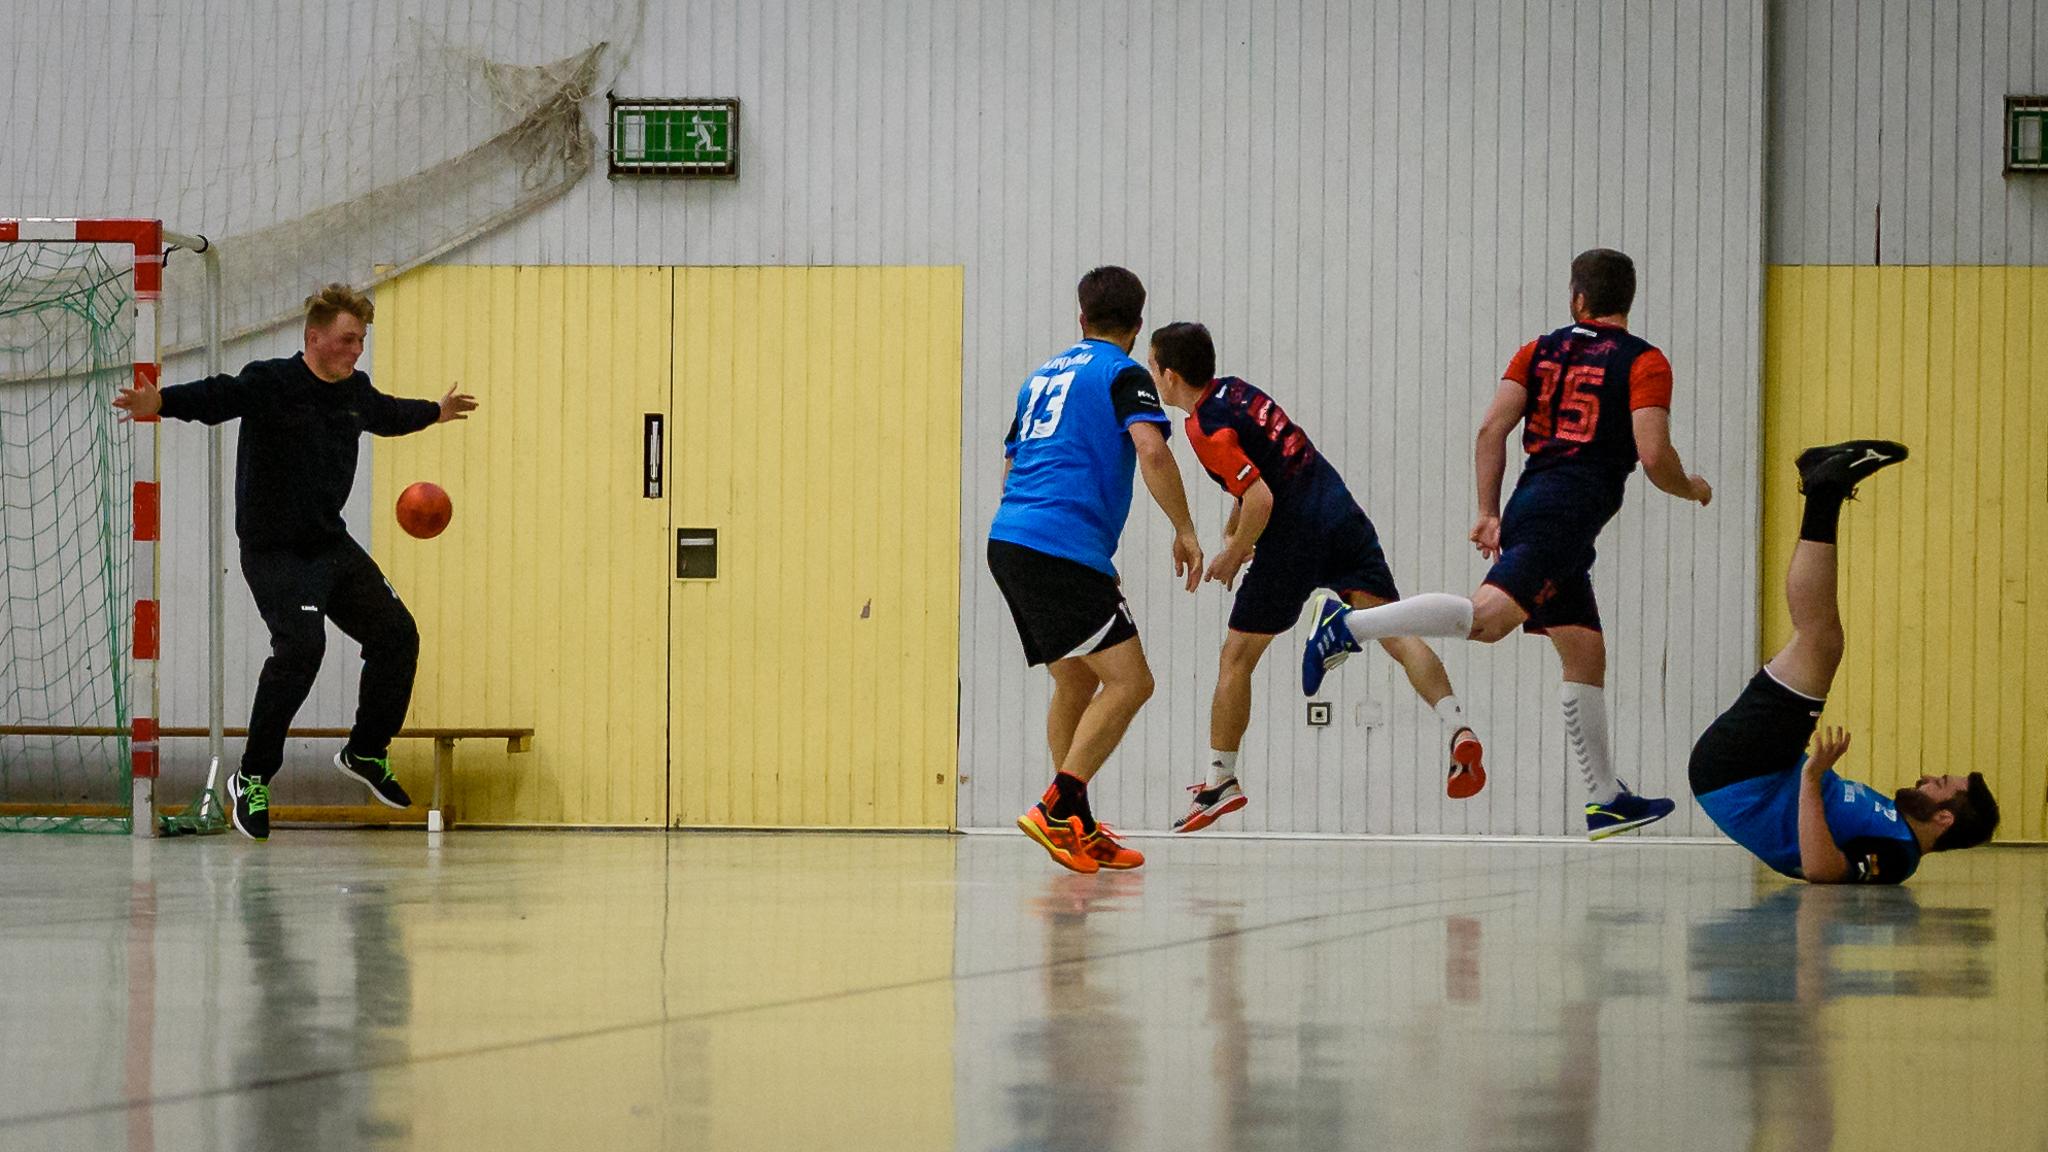 handball_herren_121117SH7_8901